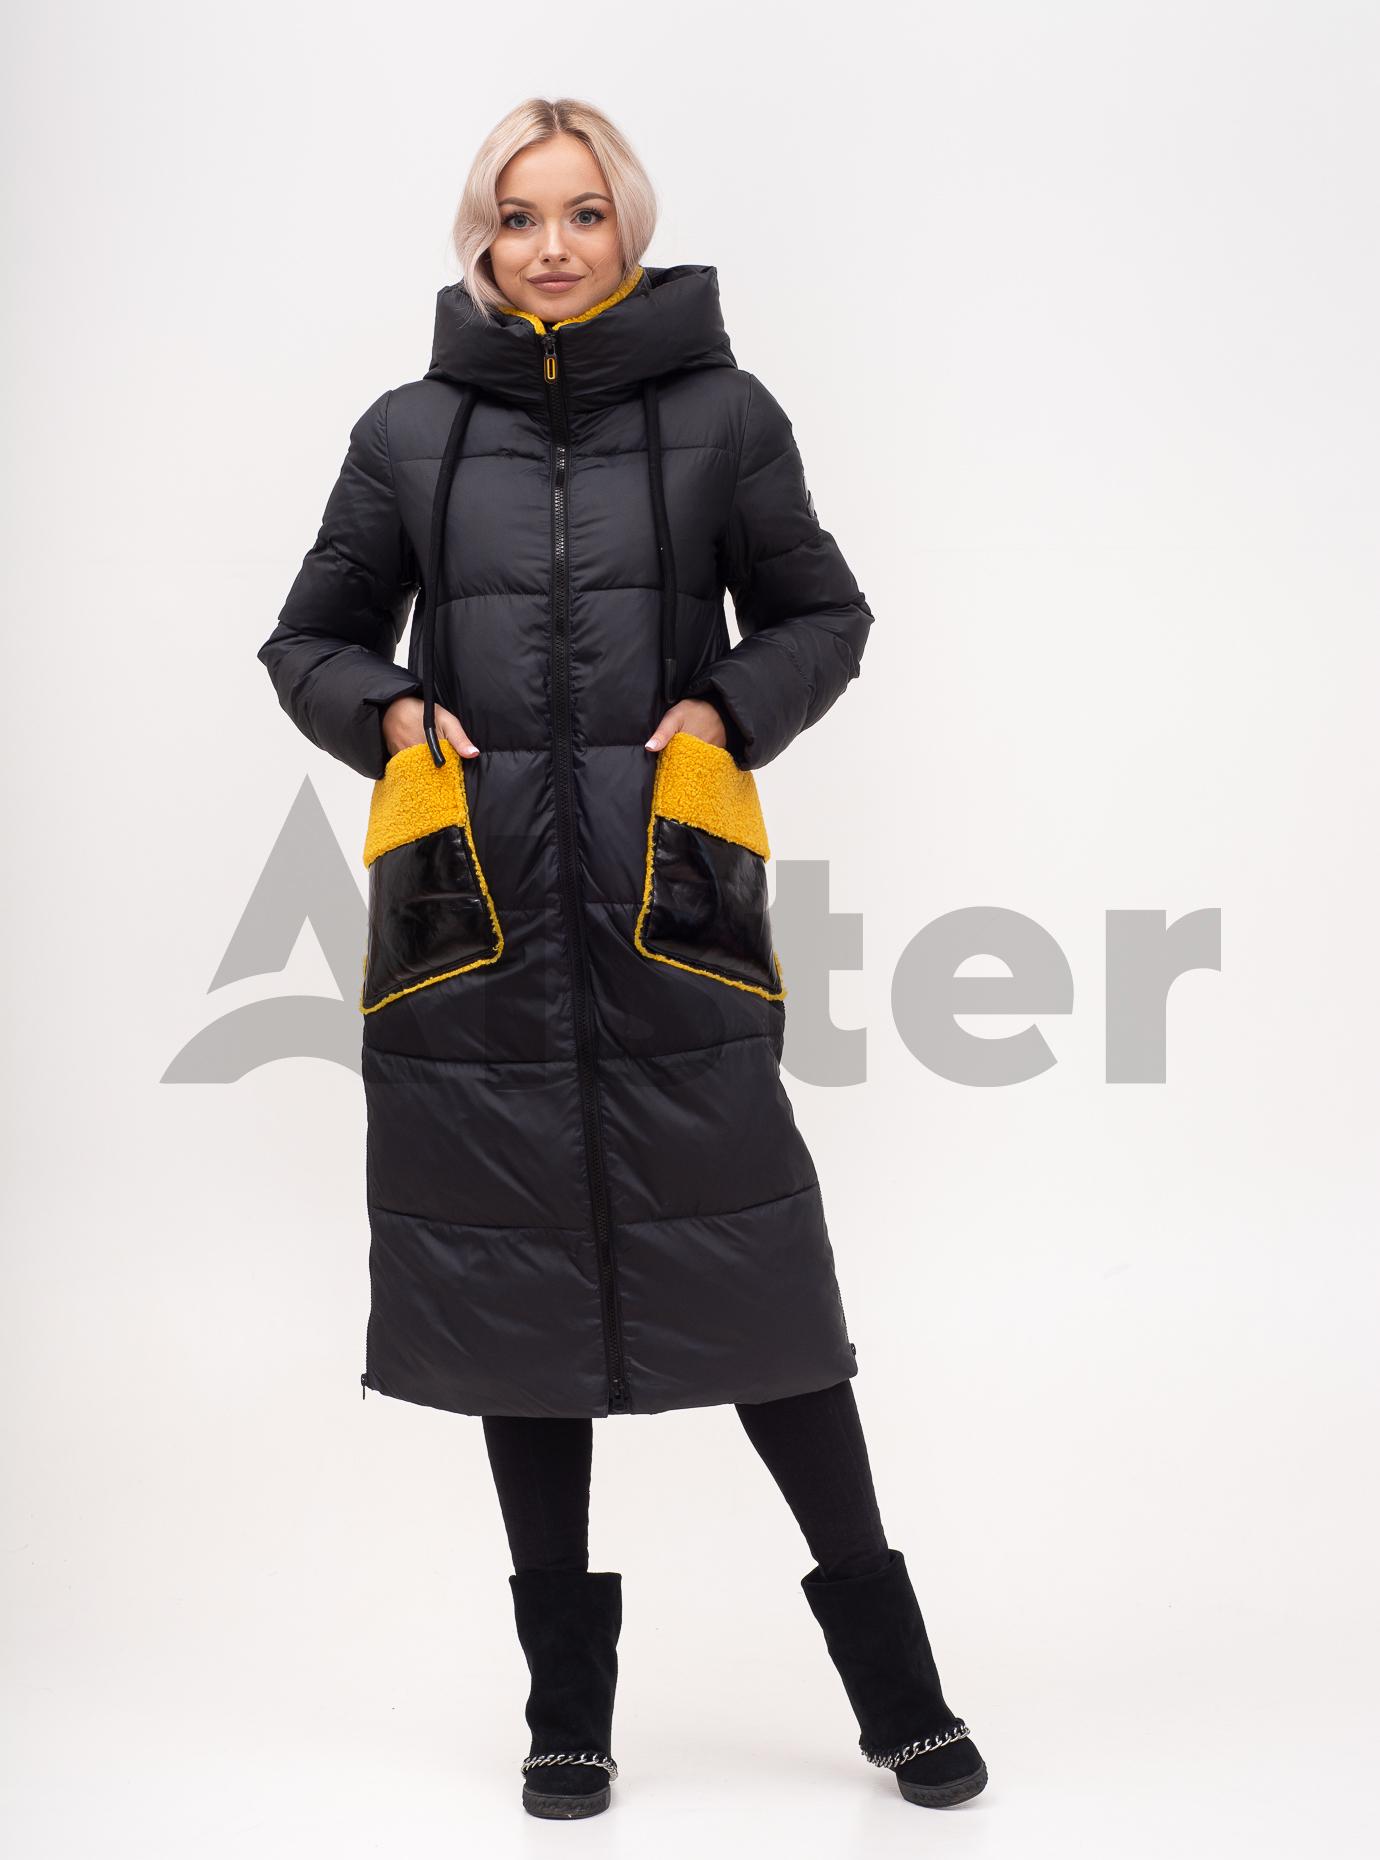 Куртка зимняя длинная с экомехом Чёрный S (01-N200574): фото - Alster.ua